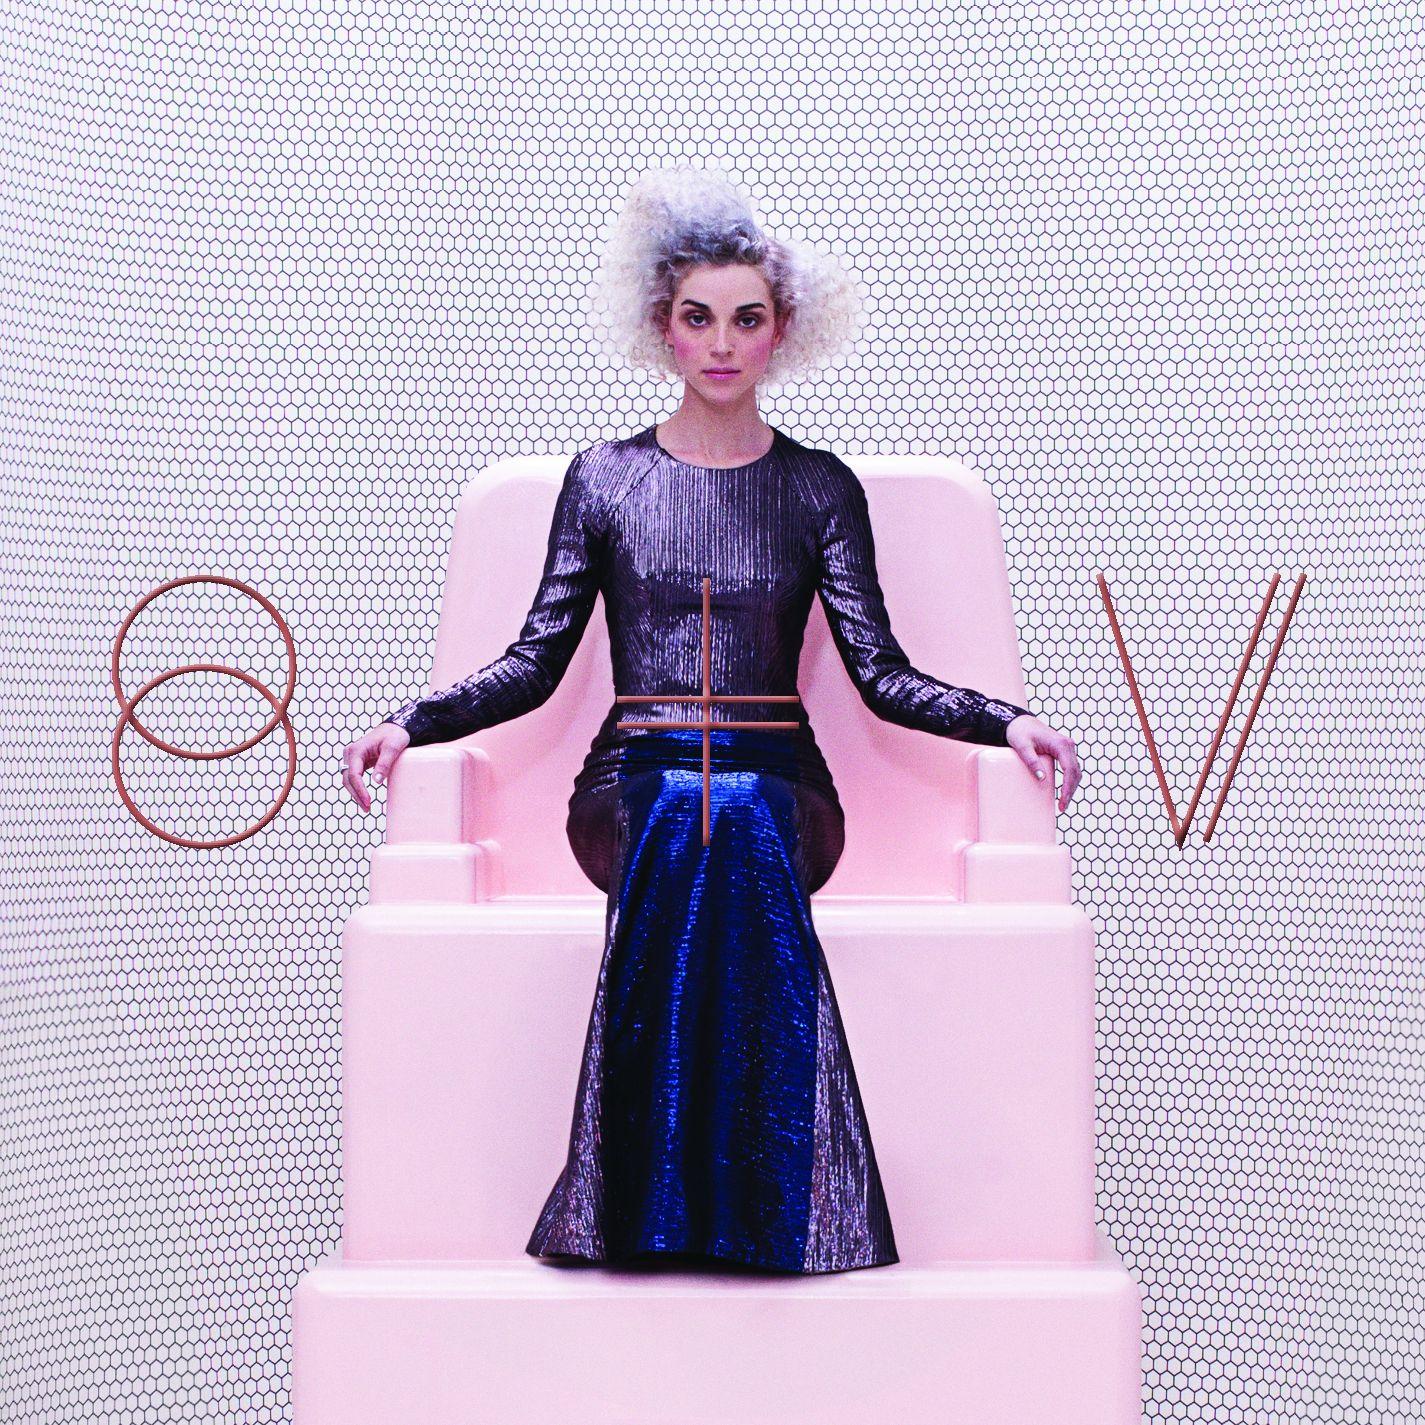 St. Vincent - St. Vincent album cover